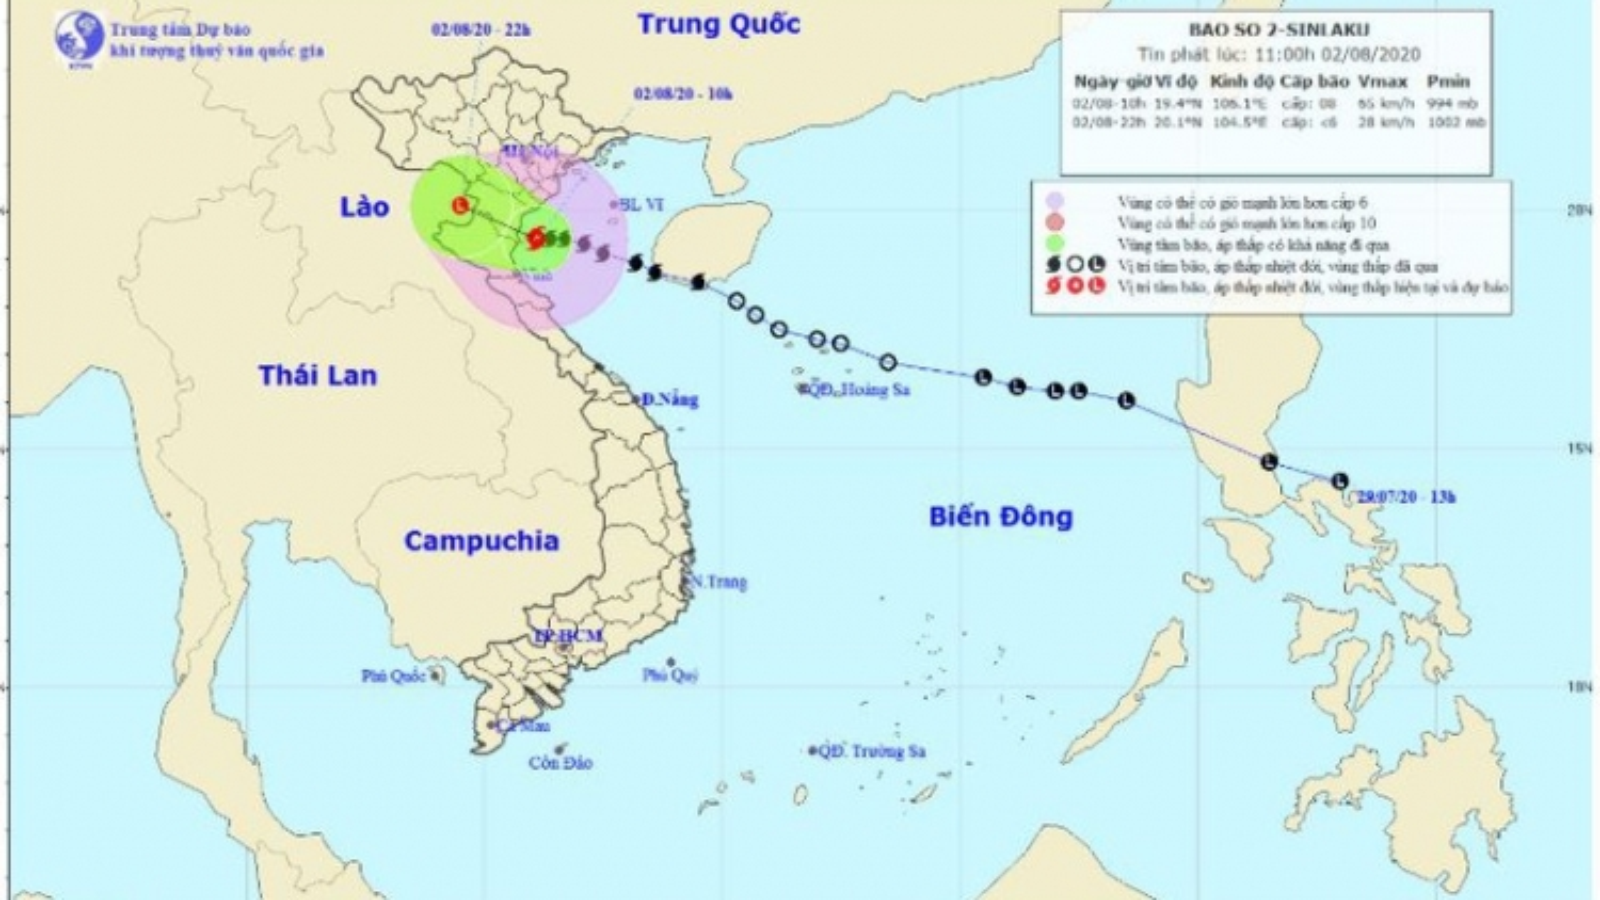 Bão số 2 sẽ đi vào đất liền từ Ninh Bình đến Nghệ An trong 12 giờ tới